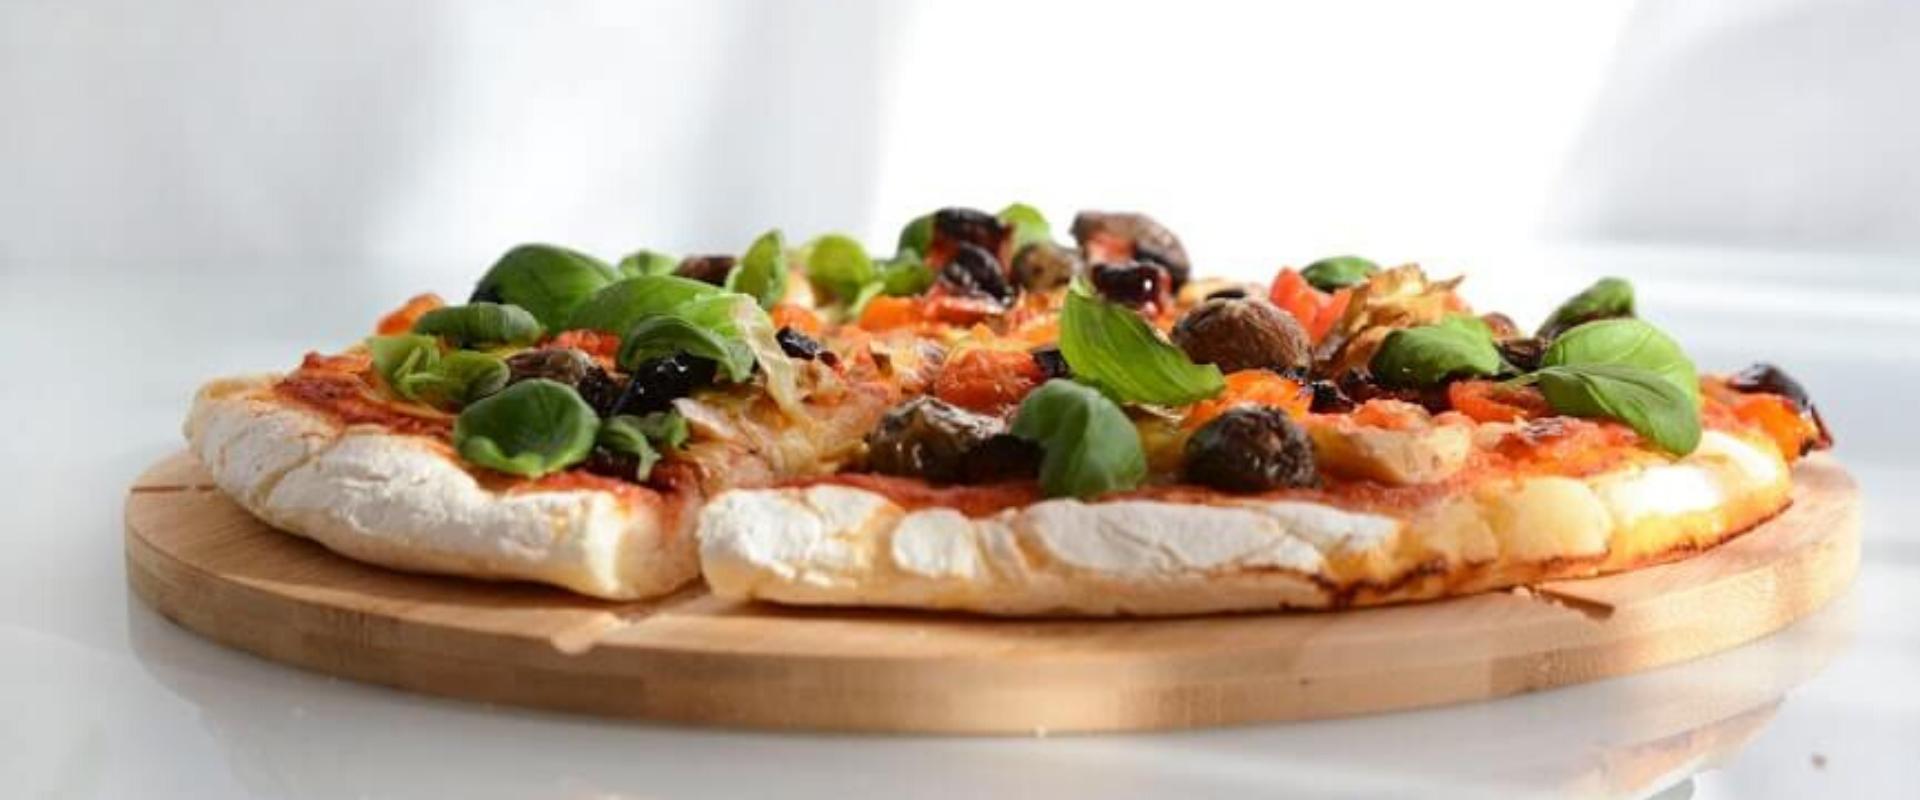 Bezglutenowa pizza z karczochami, suszonymi pomidorami i bazylią